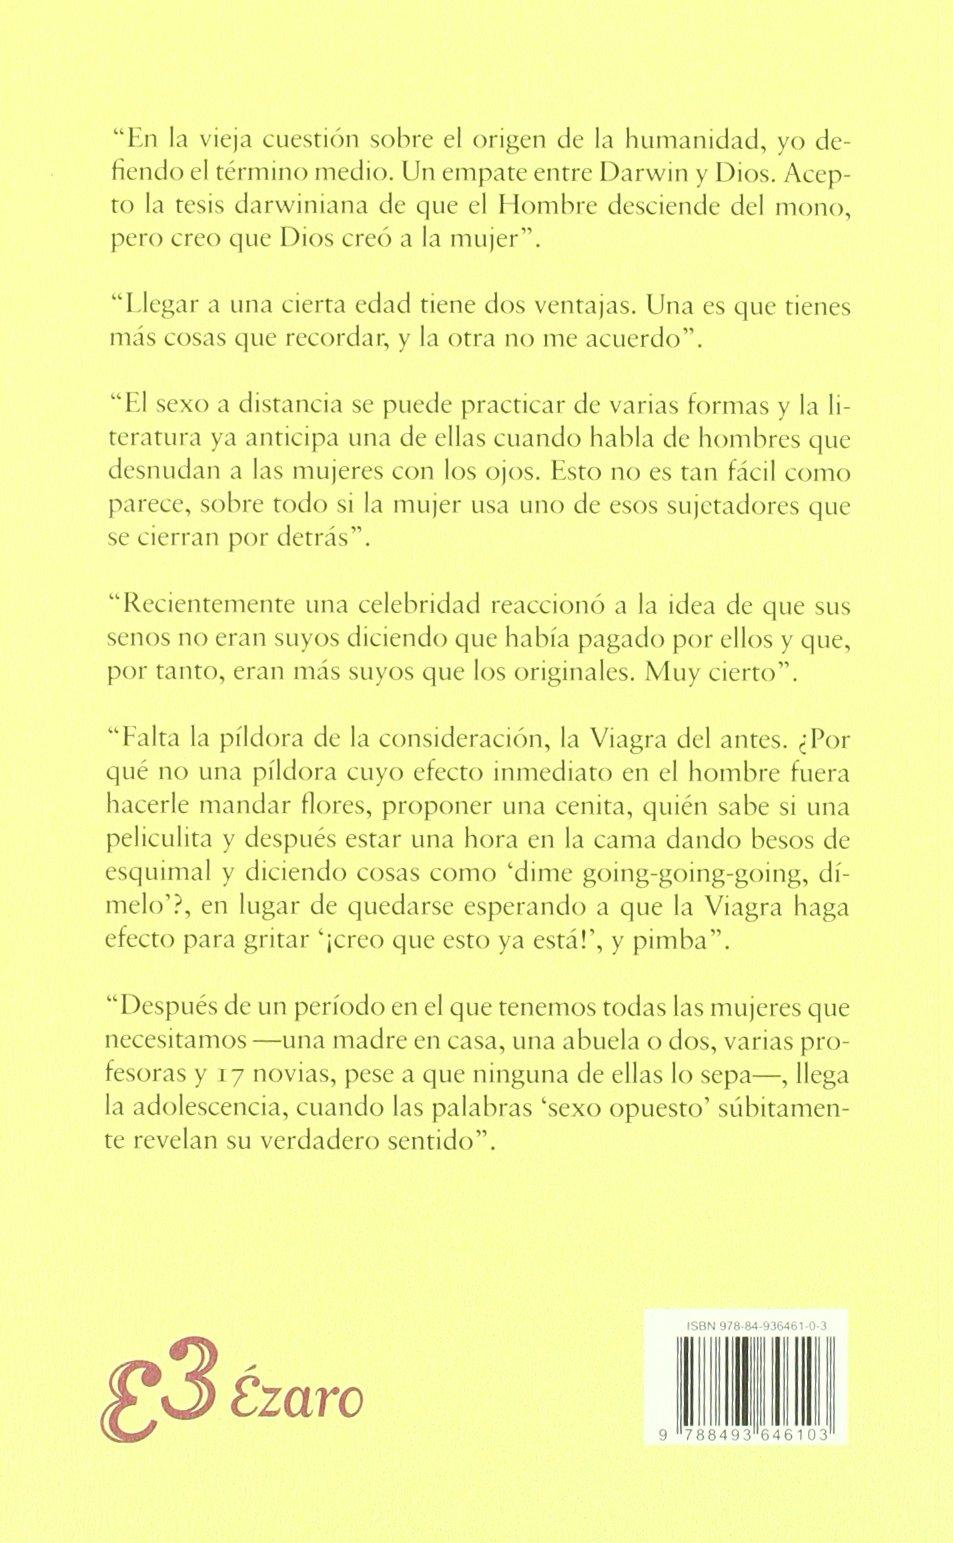 SEXO EN LA CABEZA / EZARO-UDL: LUIS FERNANDO VERISSIMO: 9788493646103: Amazon.com: Books